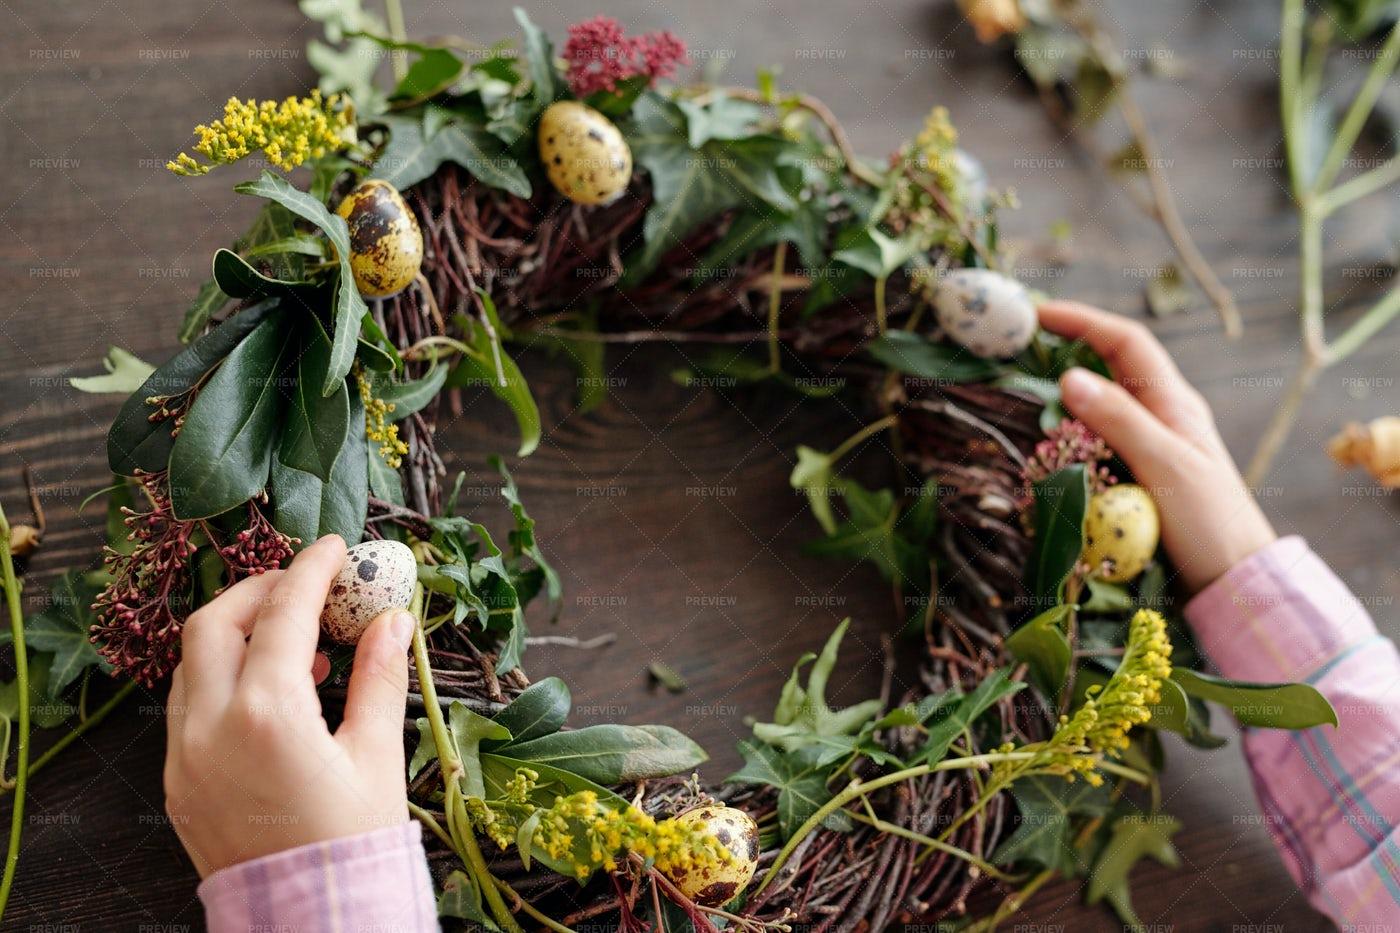 Flower Wreath With Quail Eggs: Stock Photos